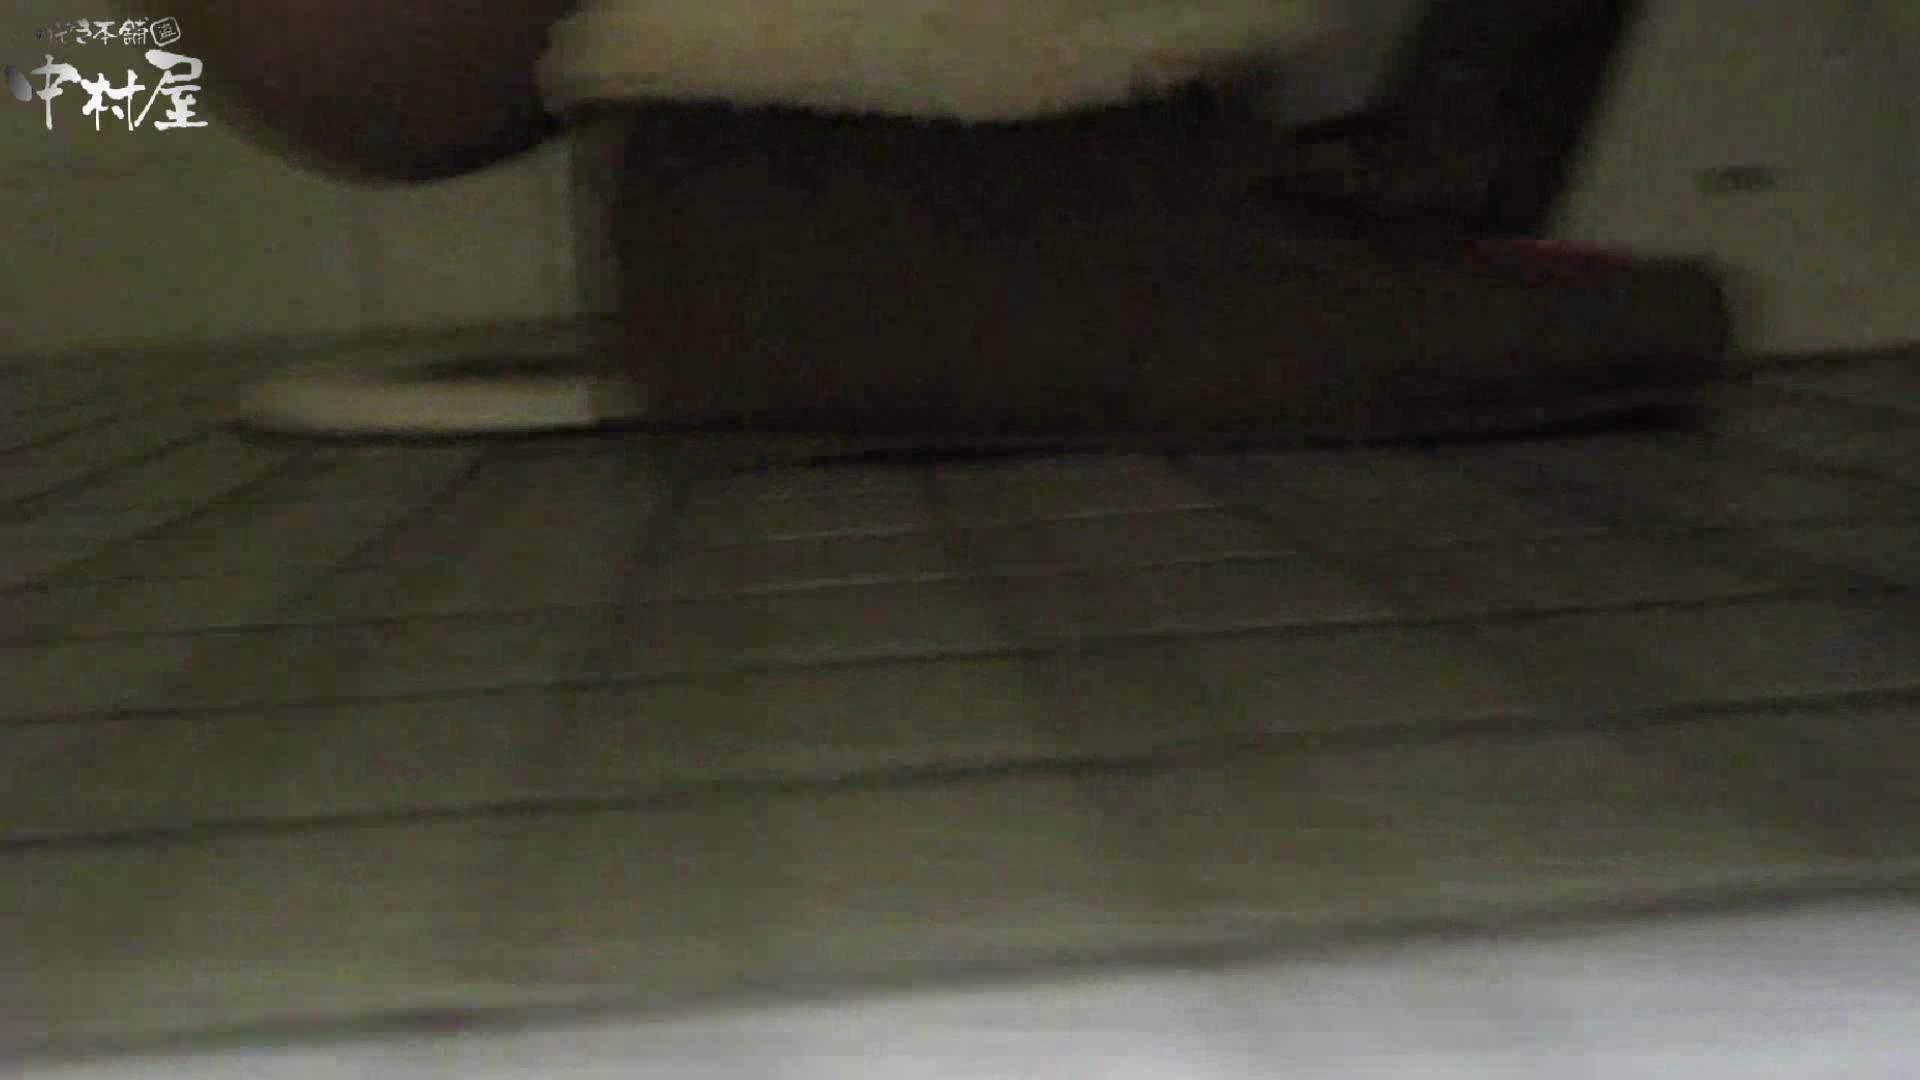 魂のかわや盗撮62連発! ロンハーギャル! 45発目! ギャルのエロ動画 スケベ動画紹介 102PIX 92